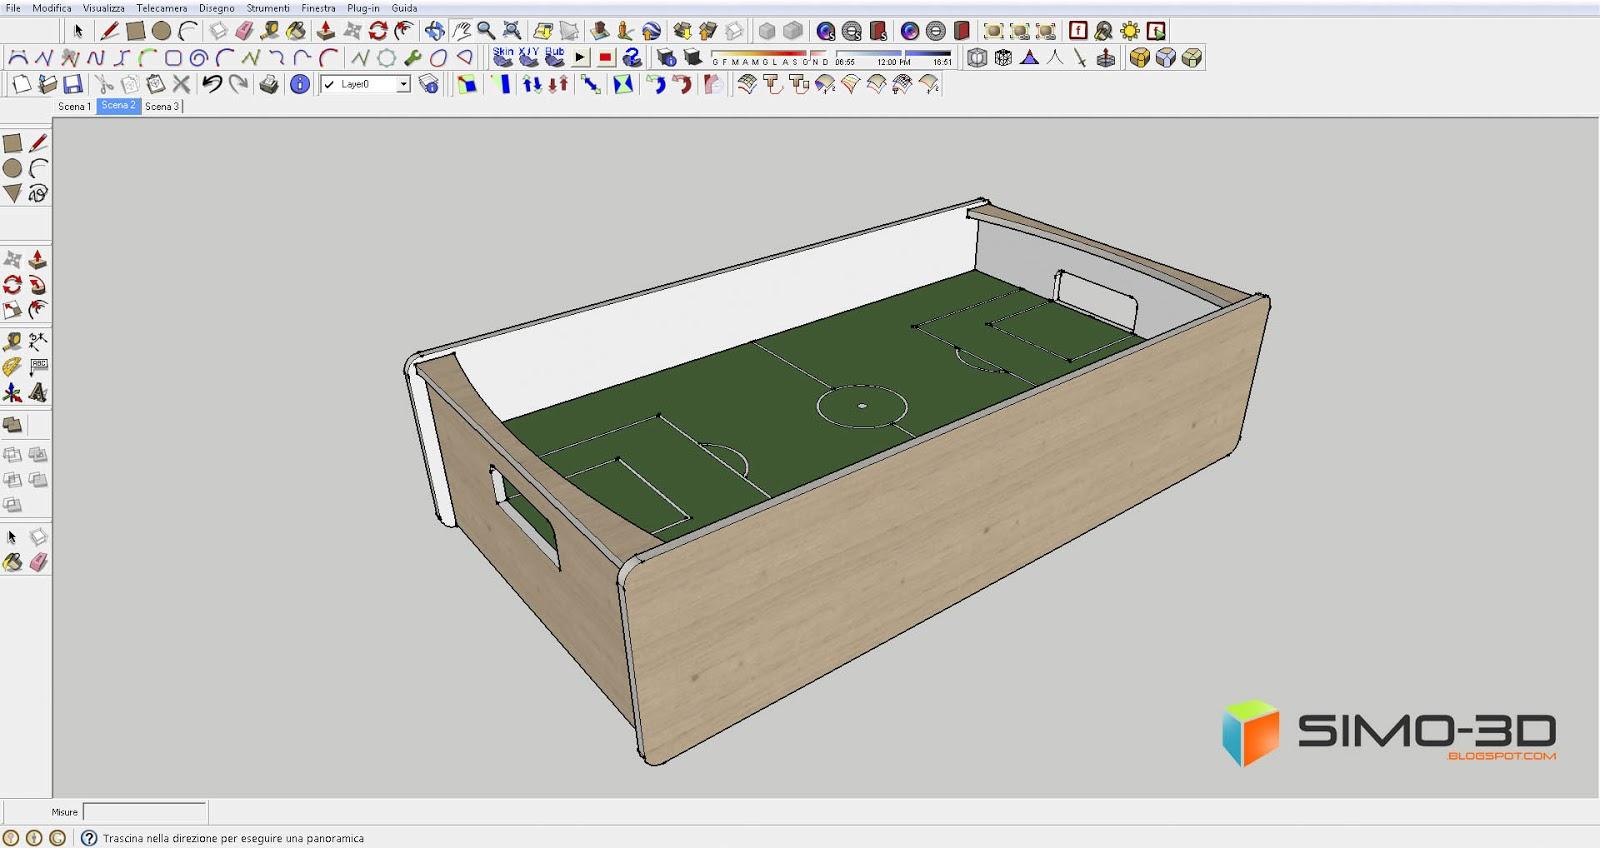 Simo sketchup tutorial costruire un for Costruire un biliardo